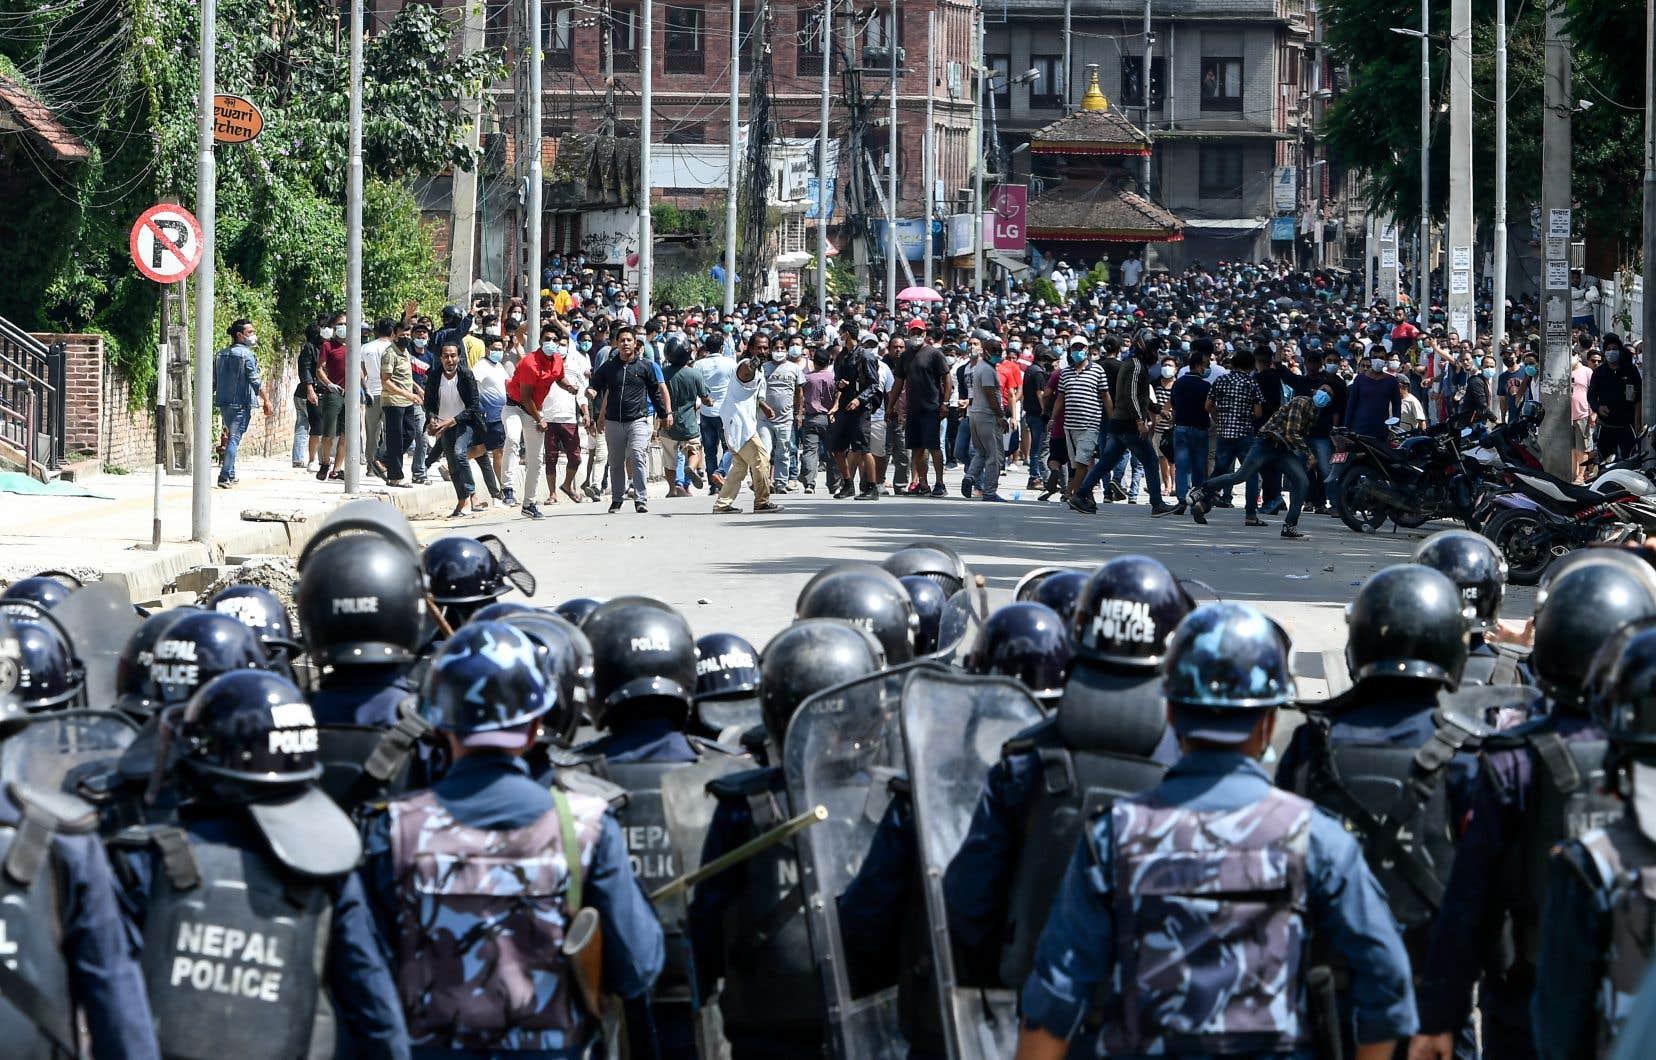 Des centaines de personnes s'étaient rassemblées dans les rues de Patan, près de Katmandou, malgré une interdiction des rassemblements à cause de la pandémie.